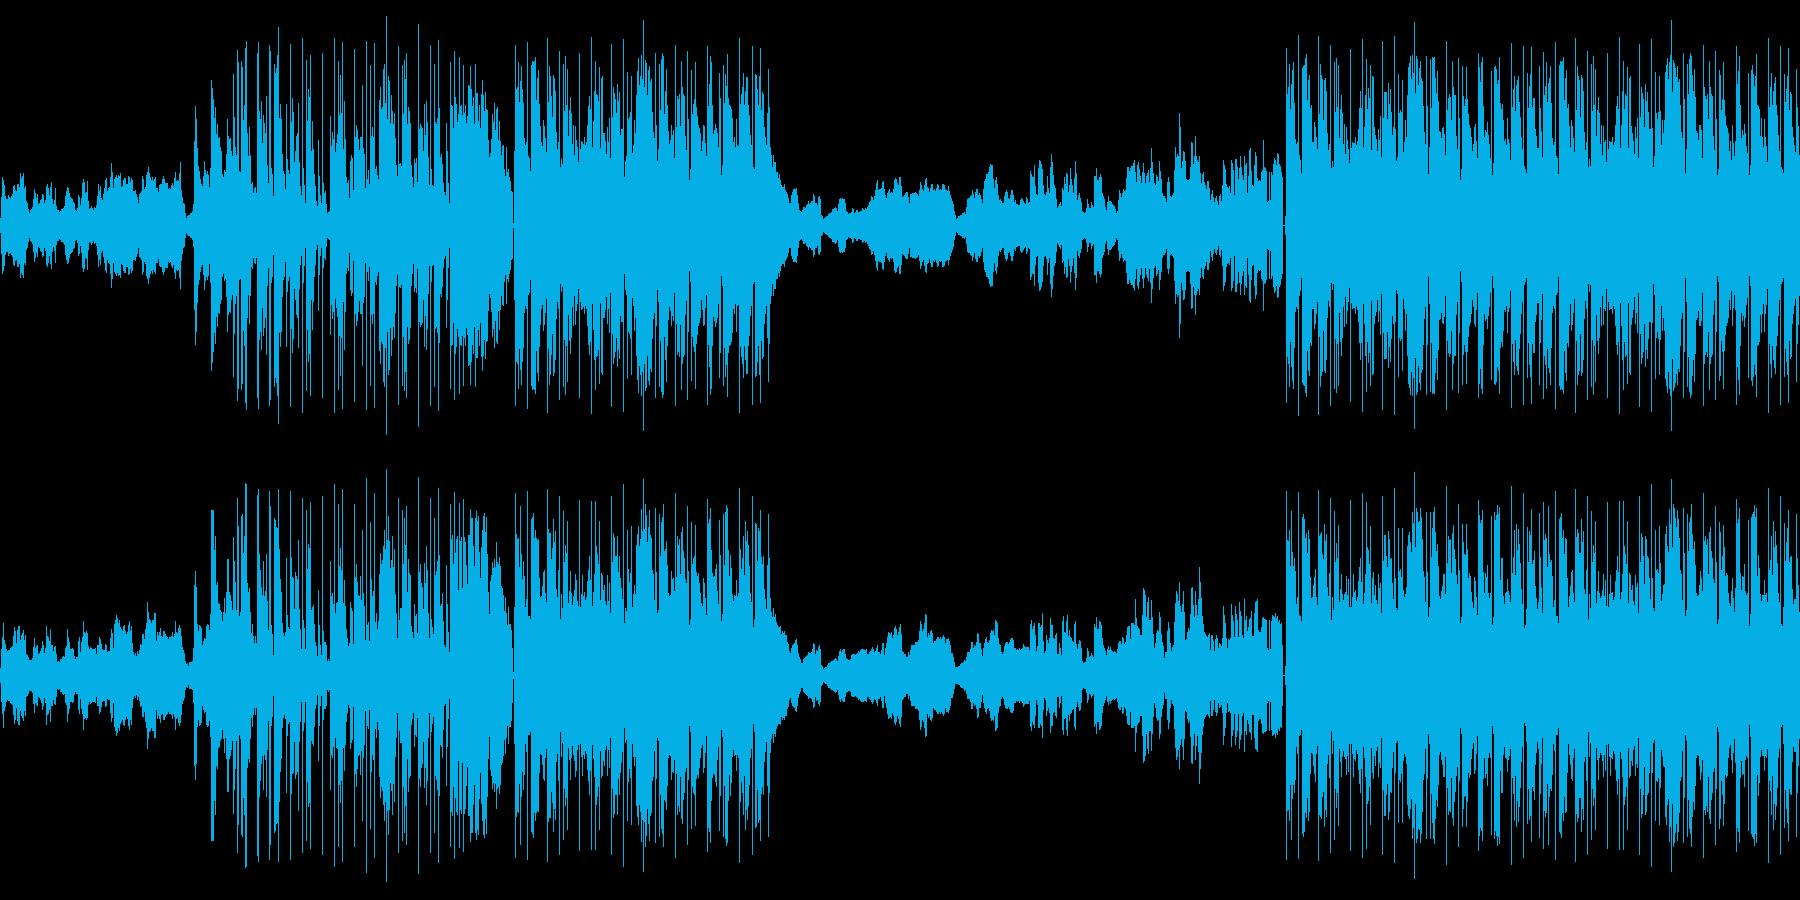 【ゲームクラシカル戦闘曲】の再生済みの波形